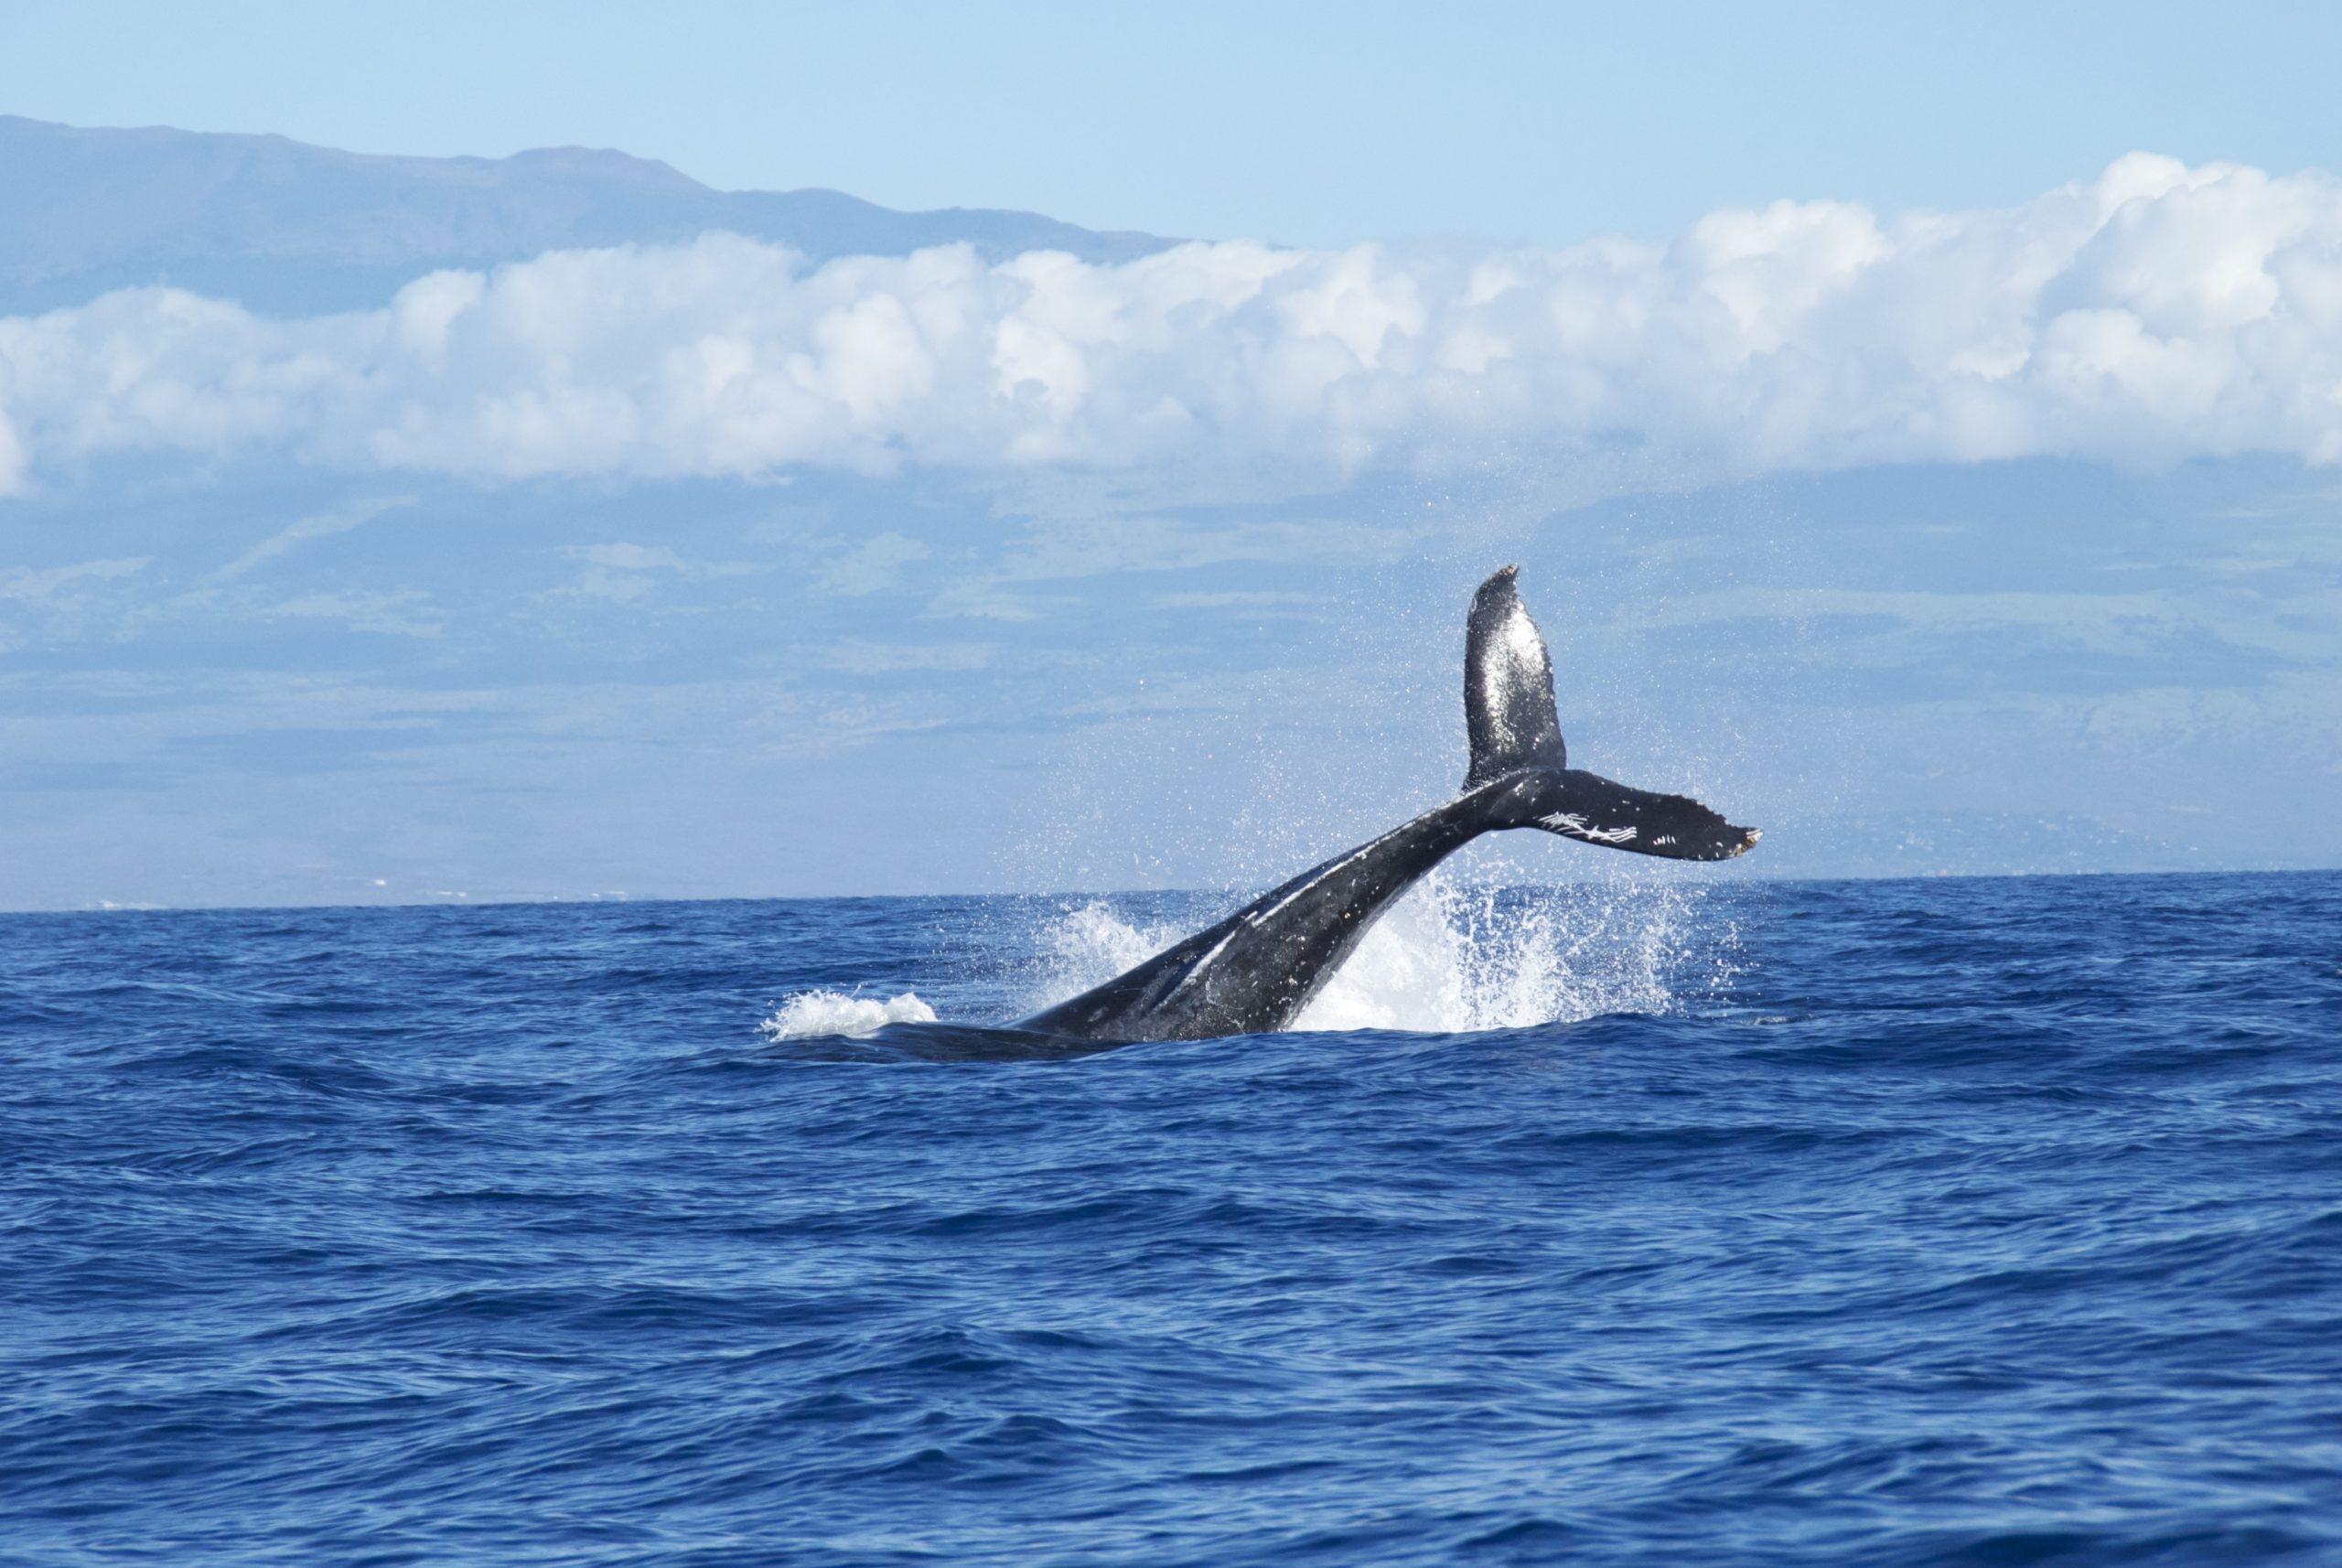 veri analiz sirketine gore balinalar hizla bu altcoini biriktiriyor